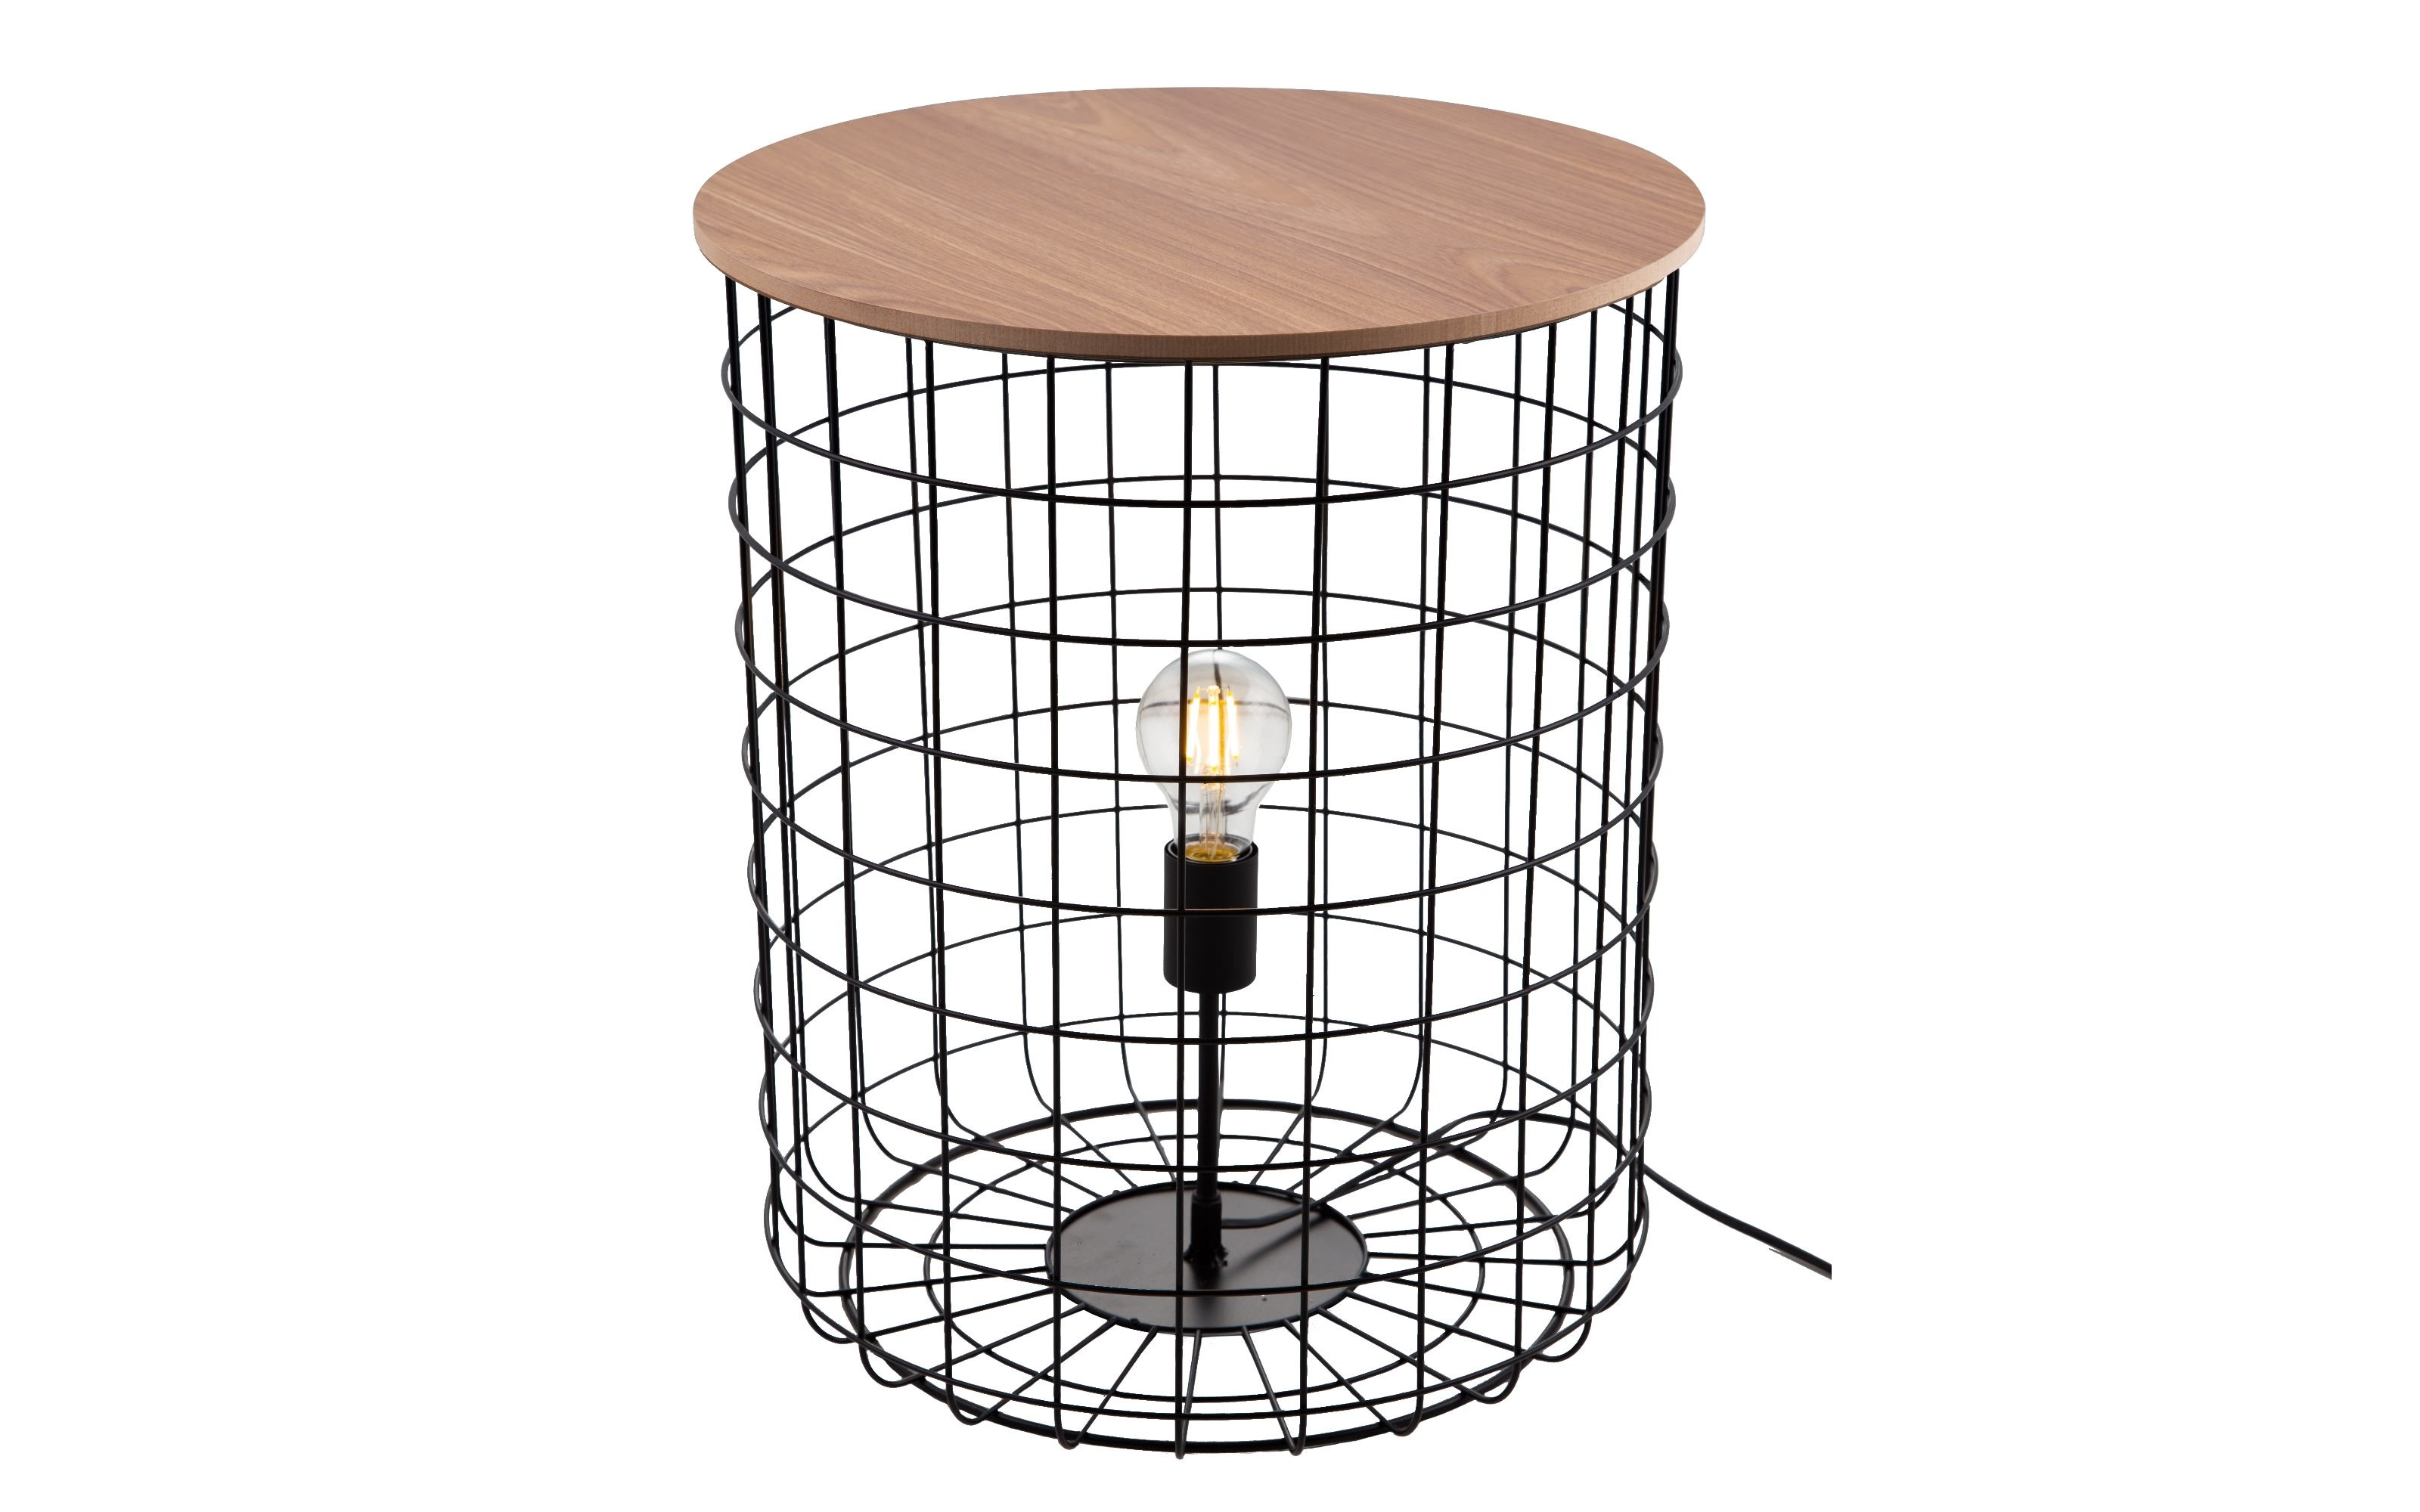 Tischleuchte Sila in schwarz, 50 cm